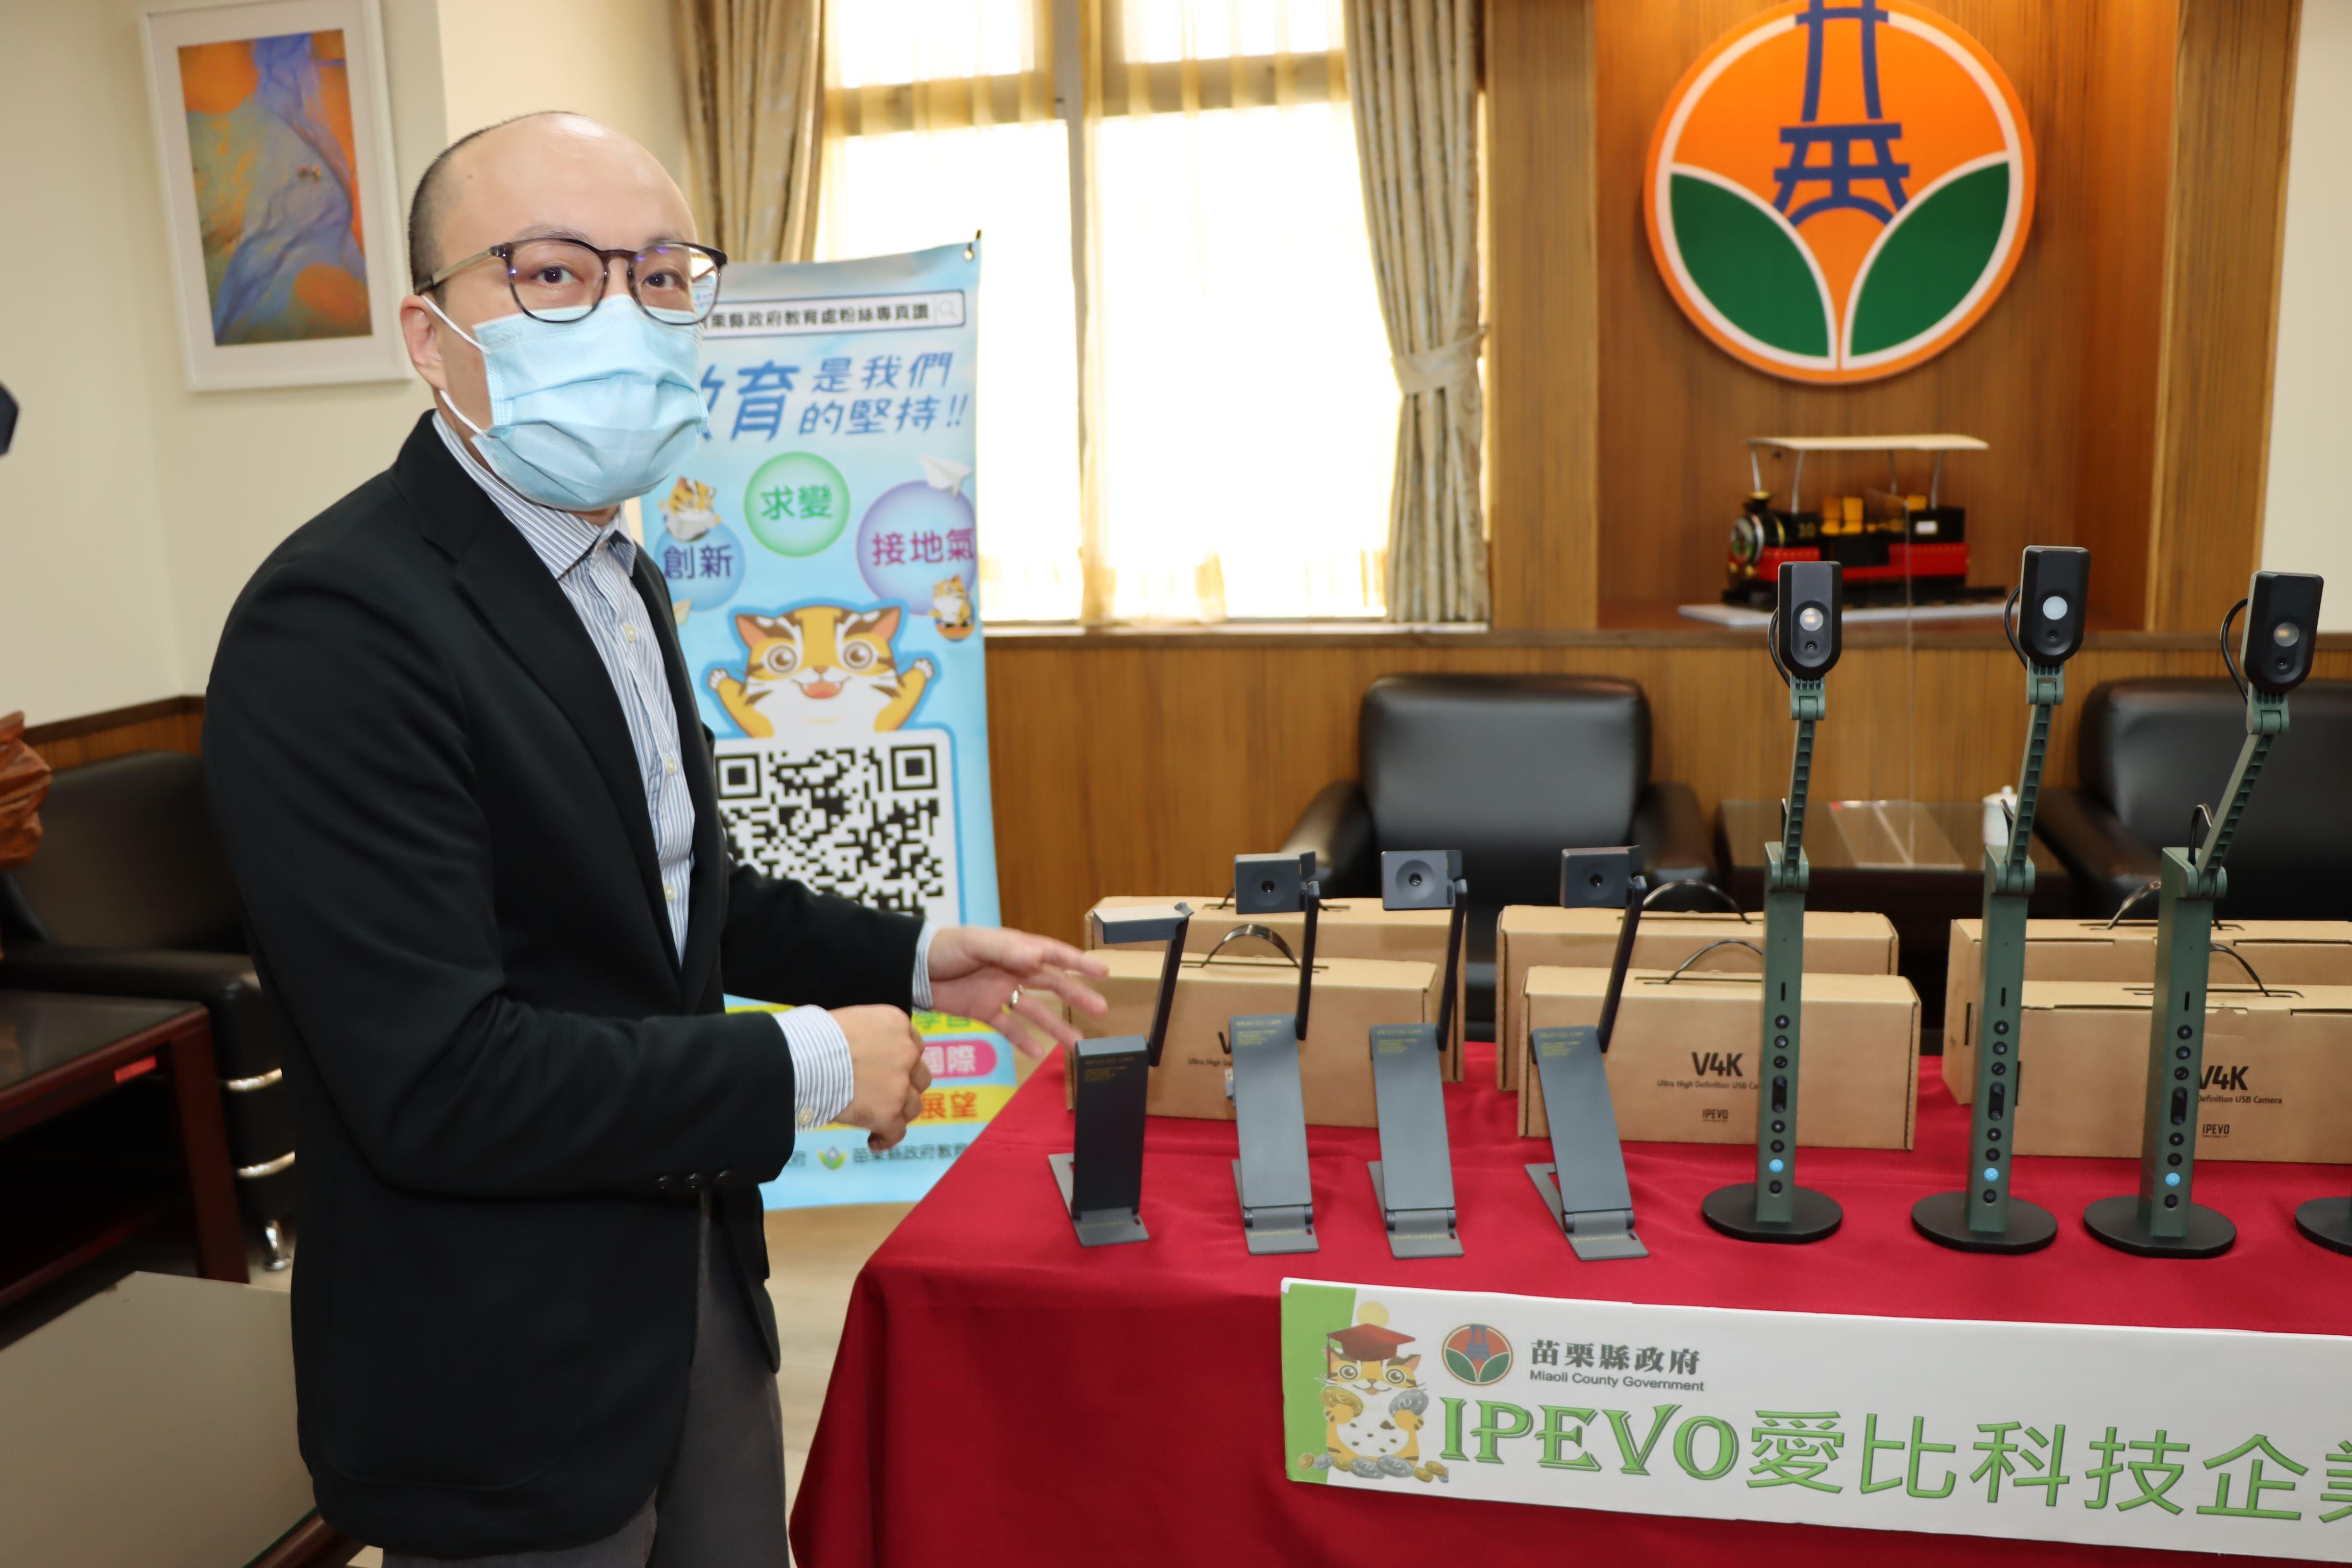 4縣府-愛比科技總監介紹捐贈的產品IMG_0640.JPG